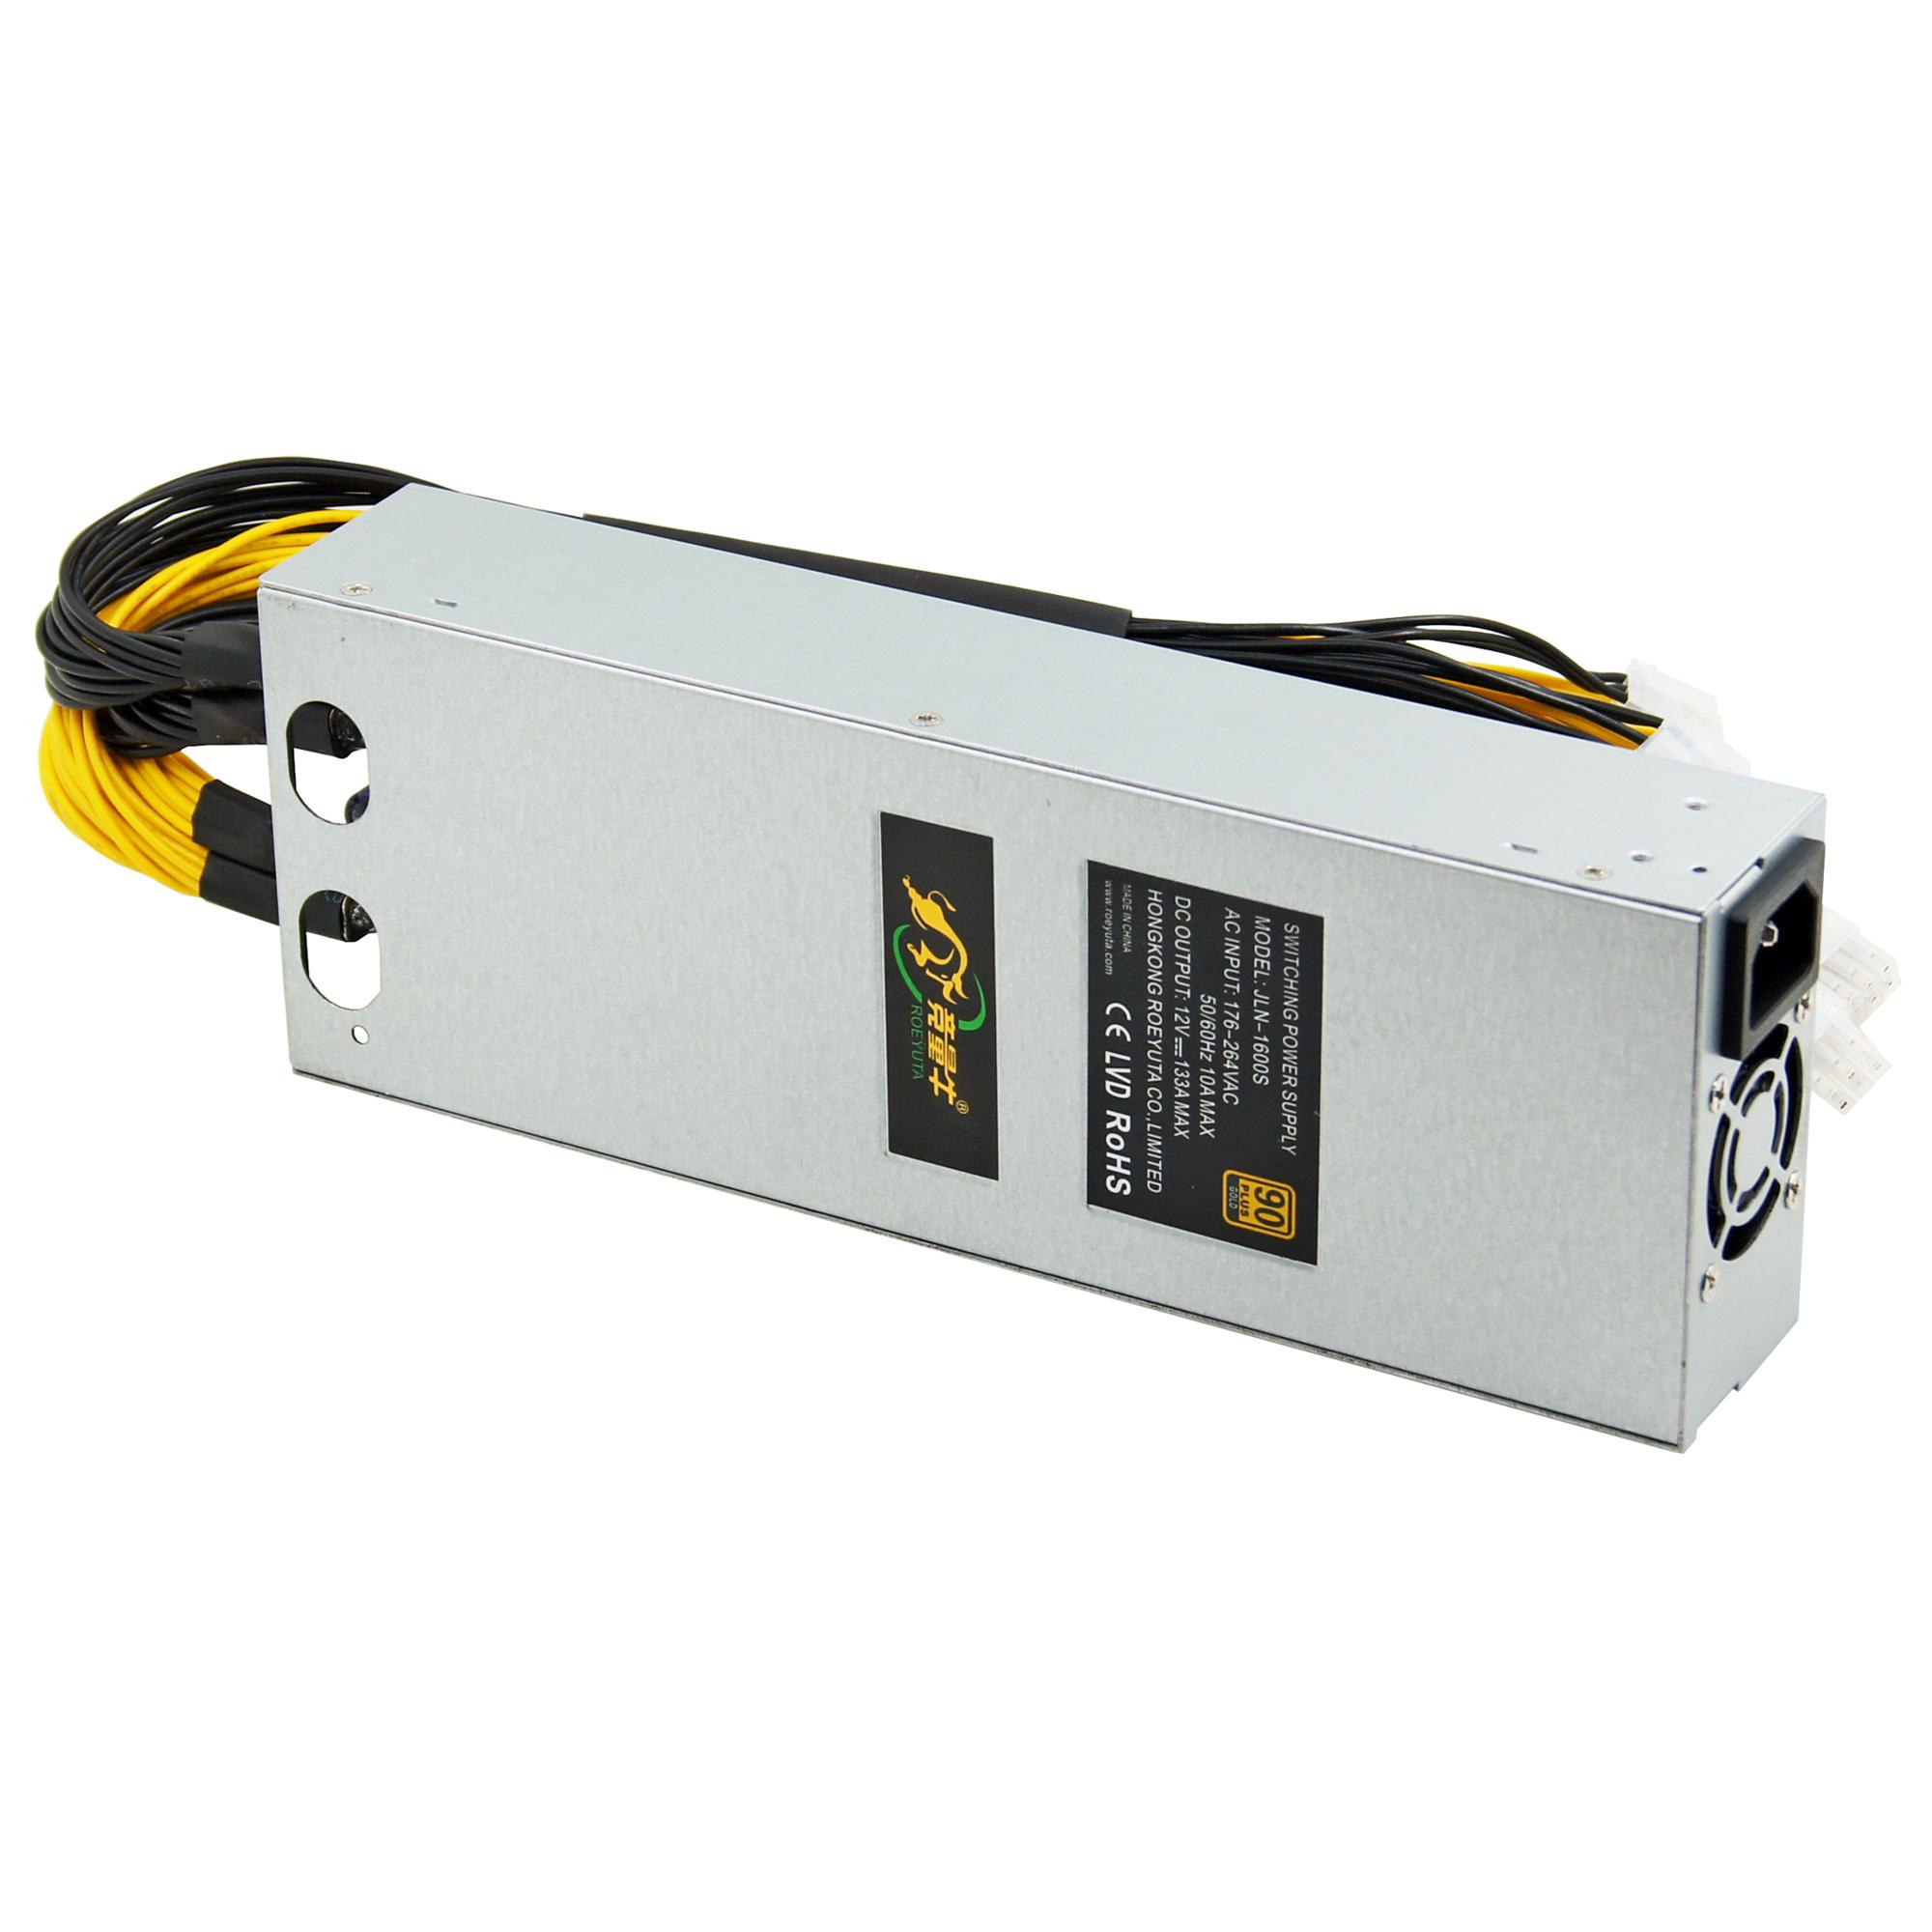 Switching power supply 12v 1600w mining psu apw3 for bitcoin mining machine dayun zig z1